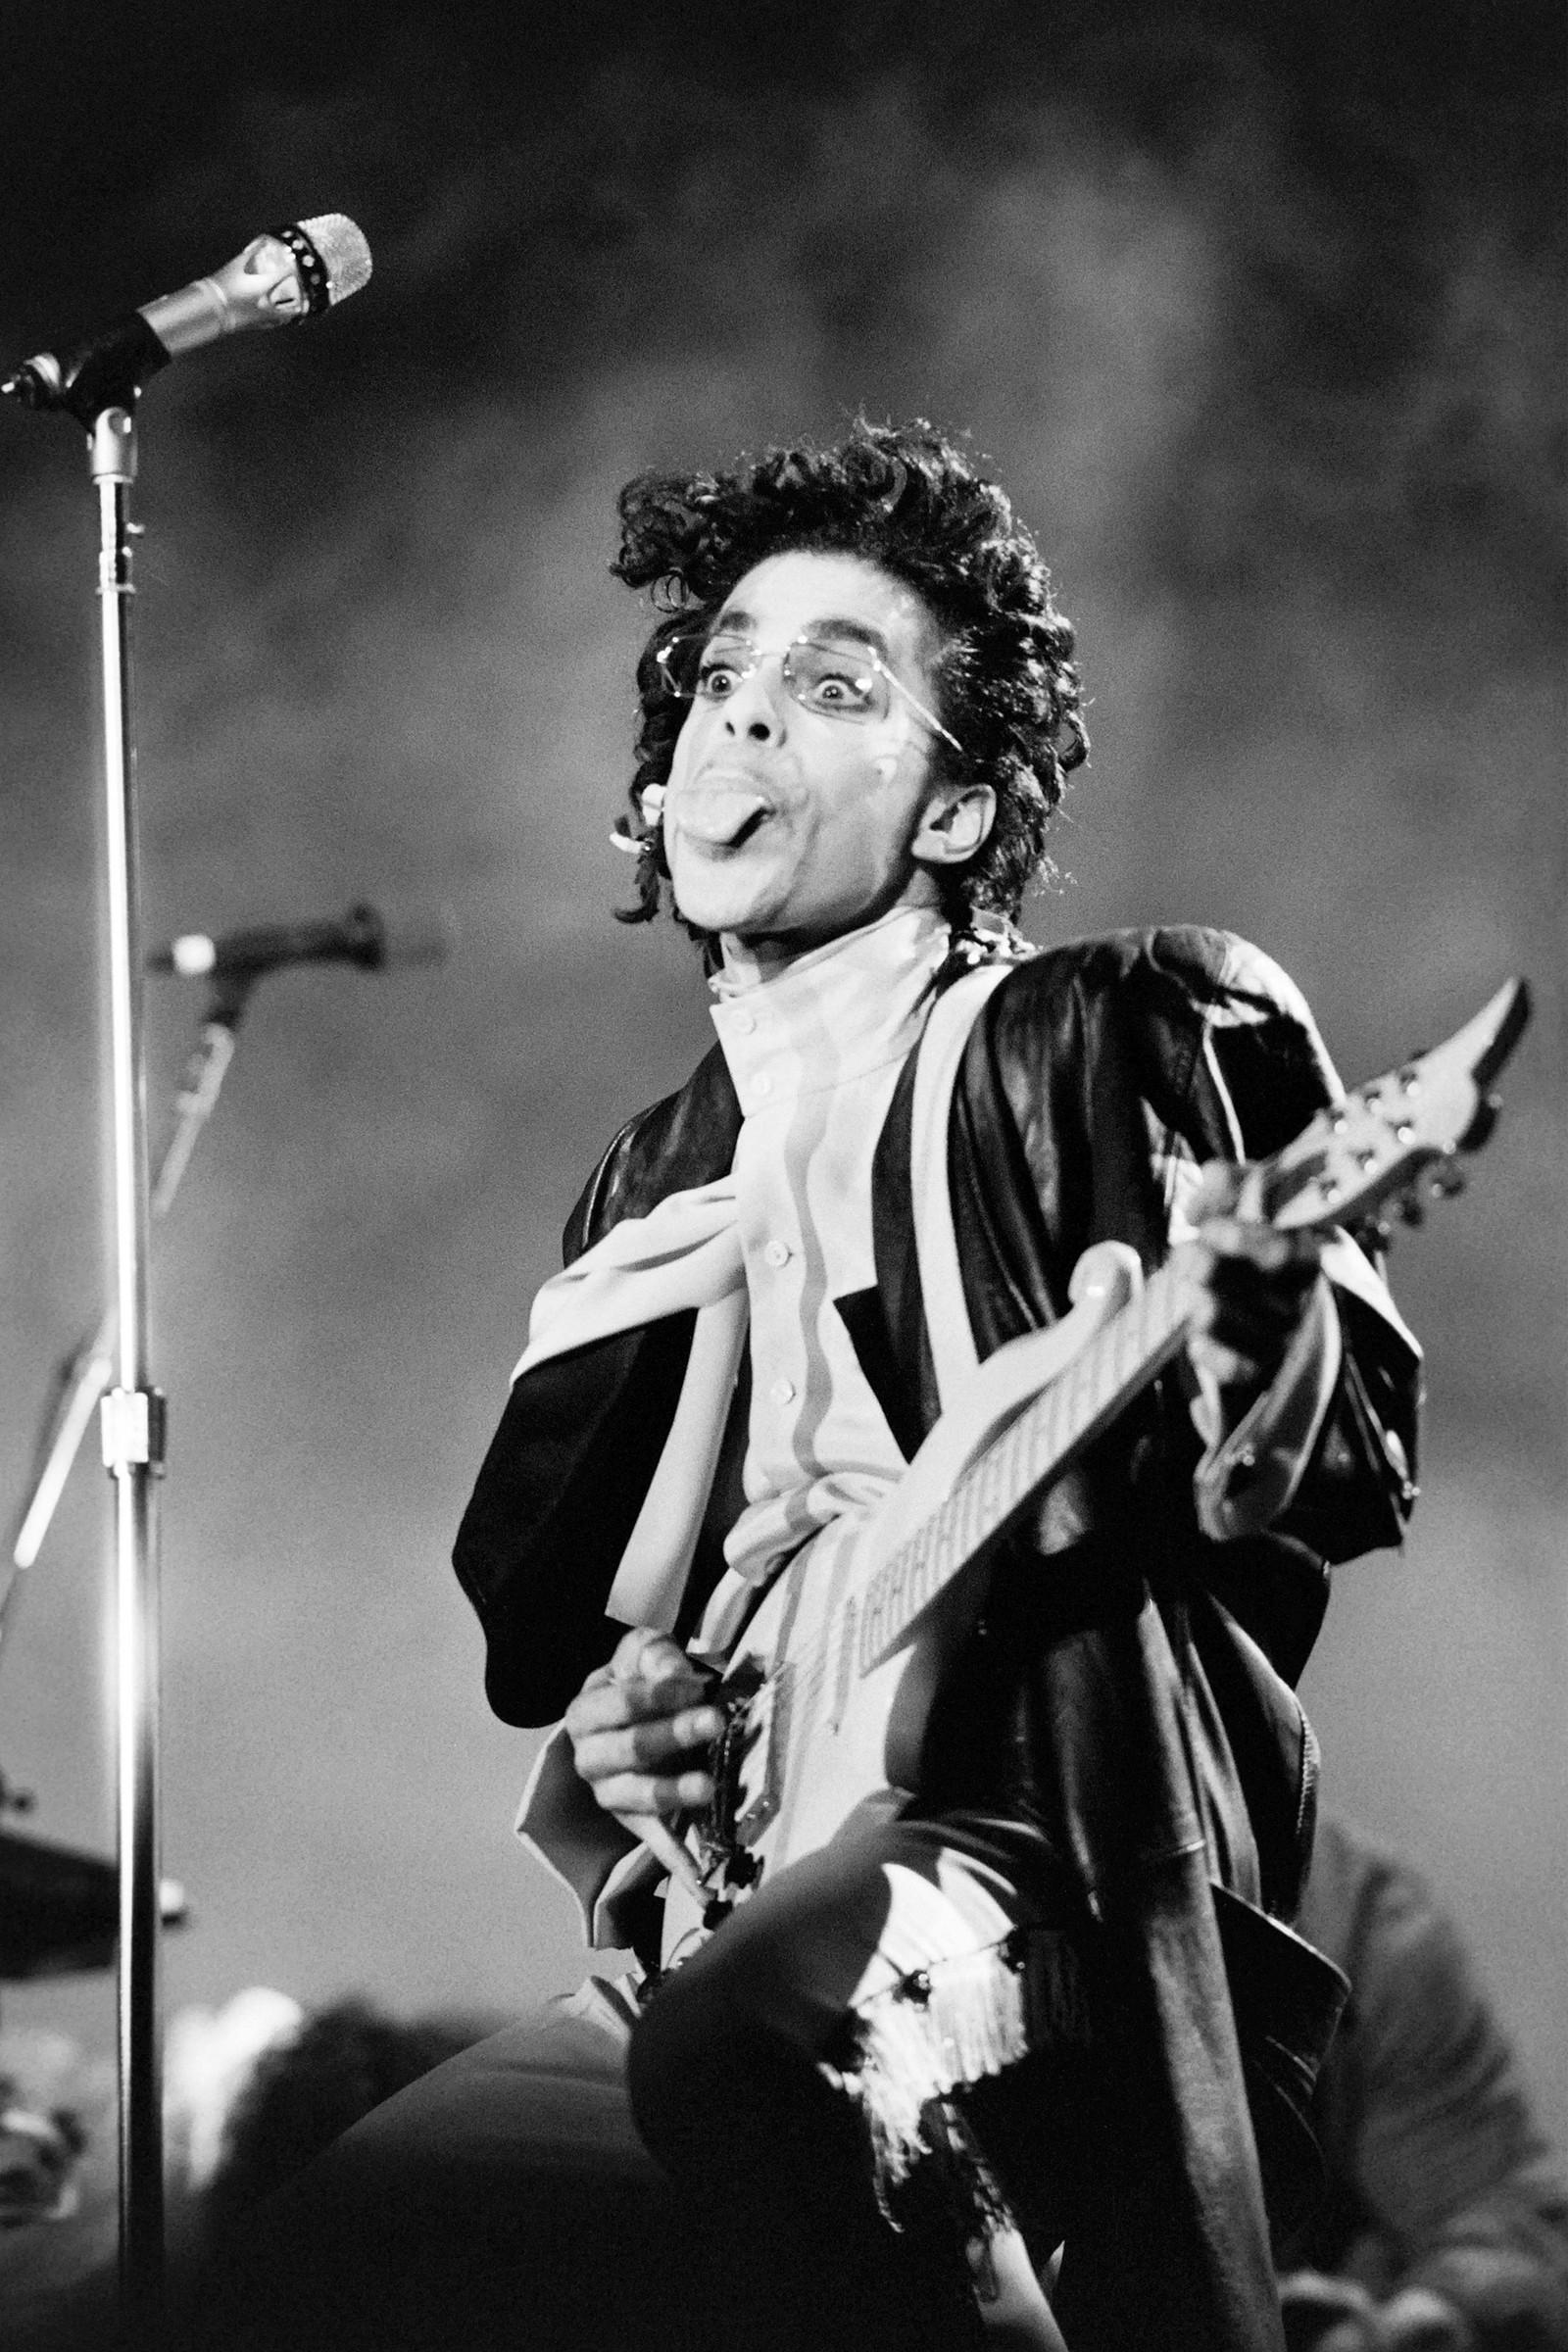 Dette svart-hvitt bildet er tatt i 1987, da Prince opptrådde på Bercy venue in Paris.